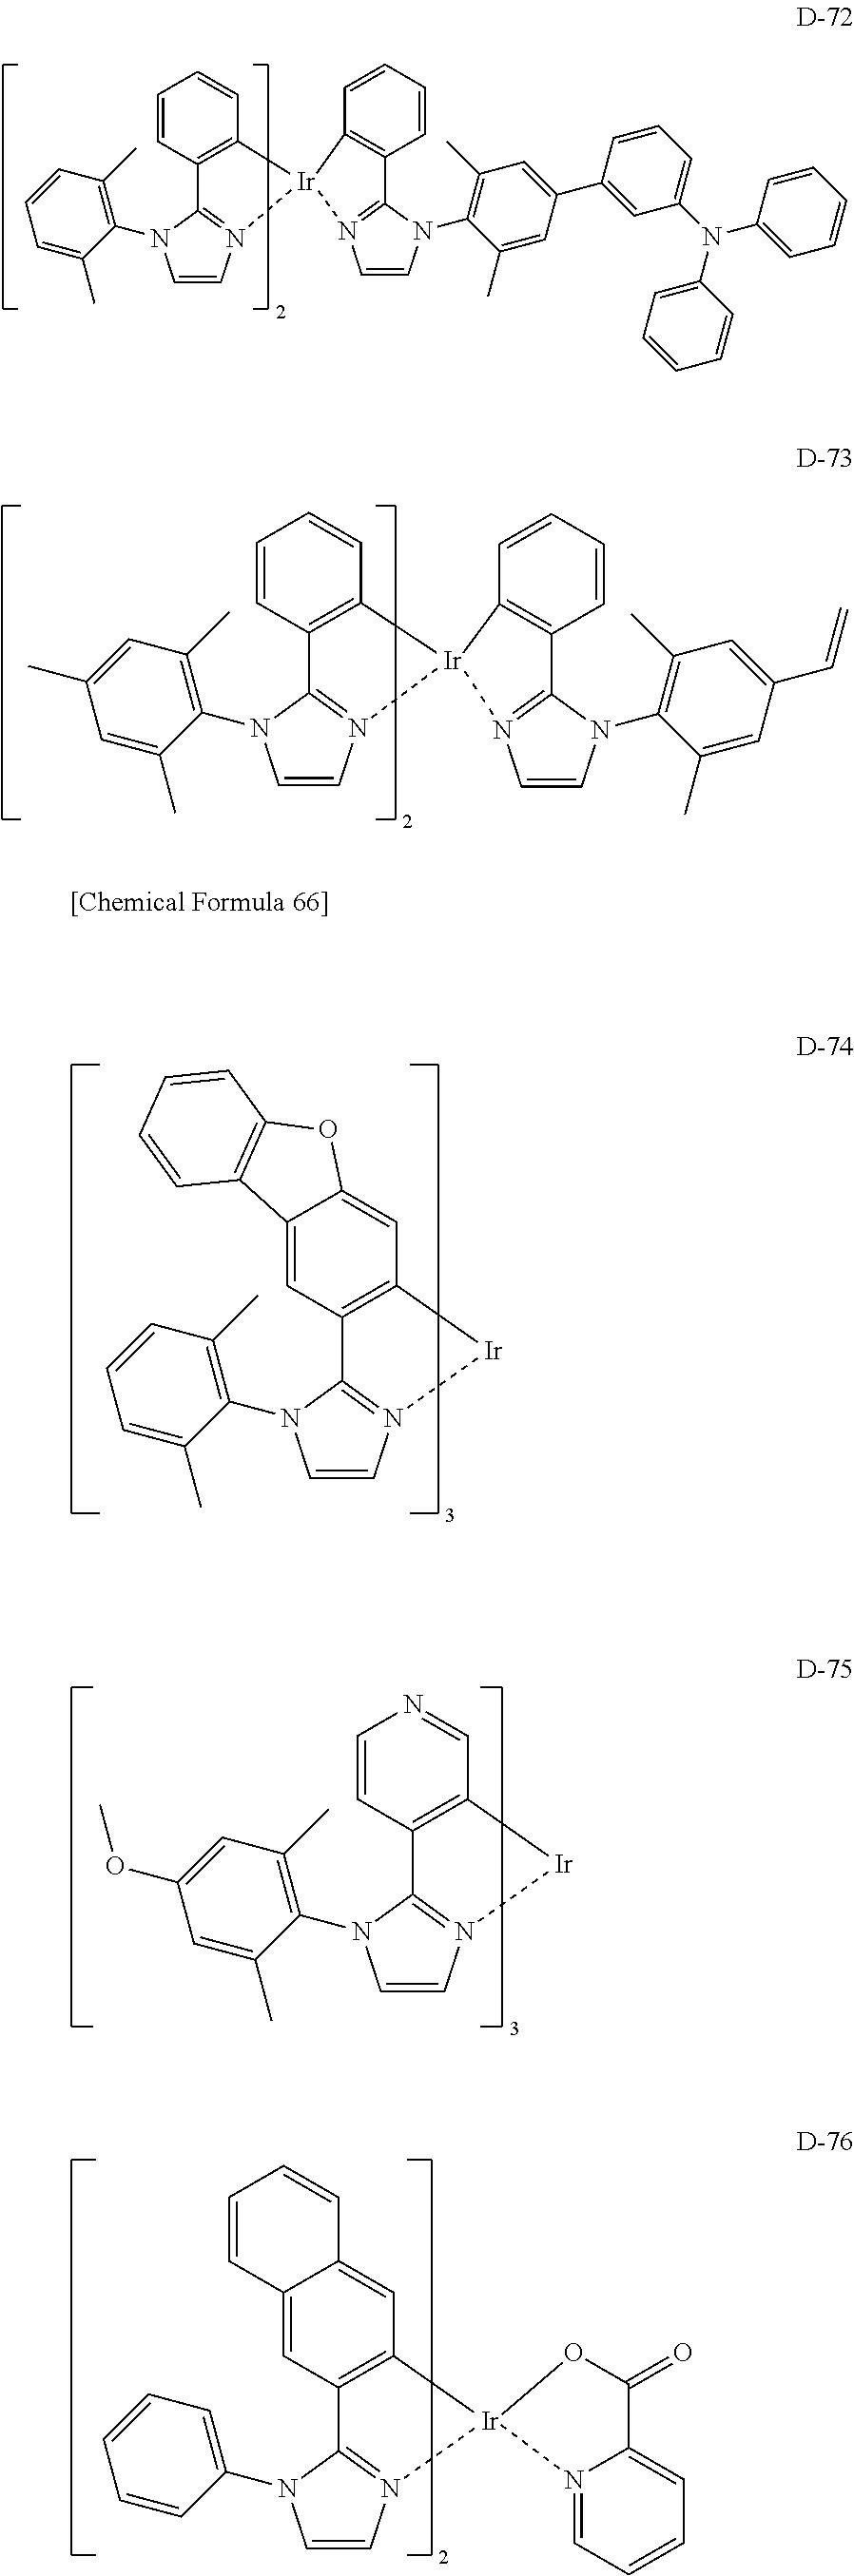 Figure US09935269-20180403-C00079